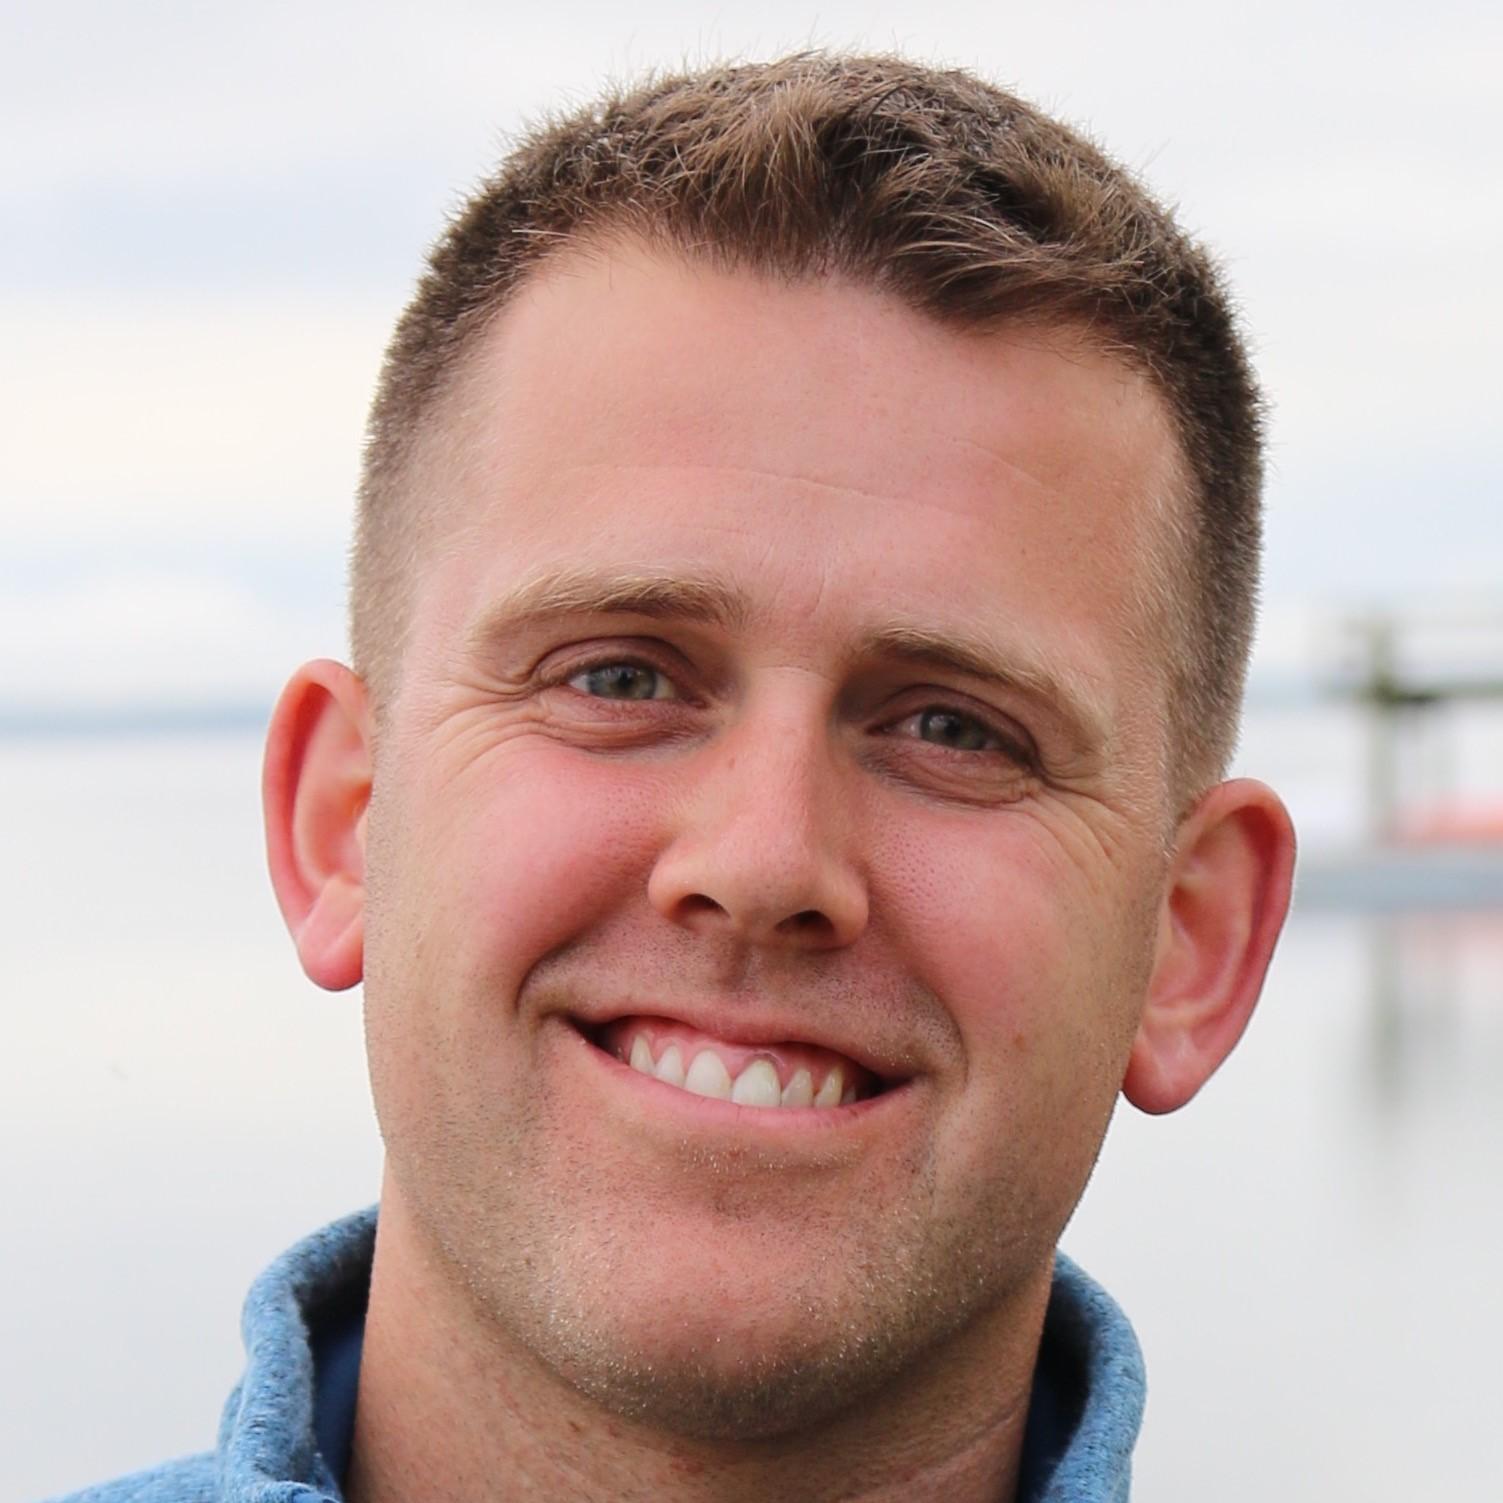 Scott Allenby